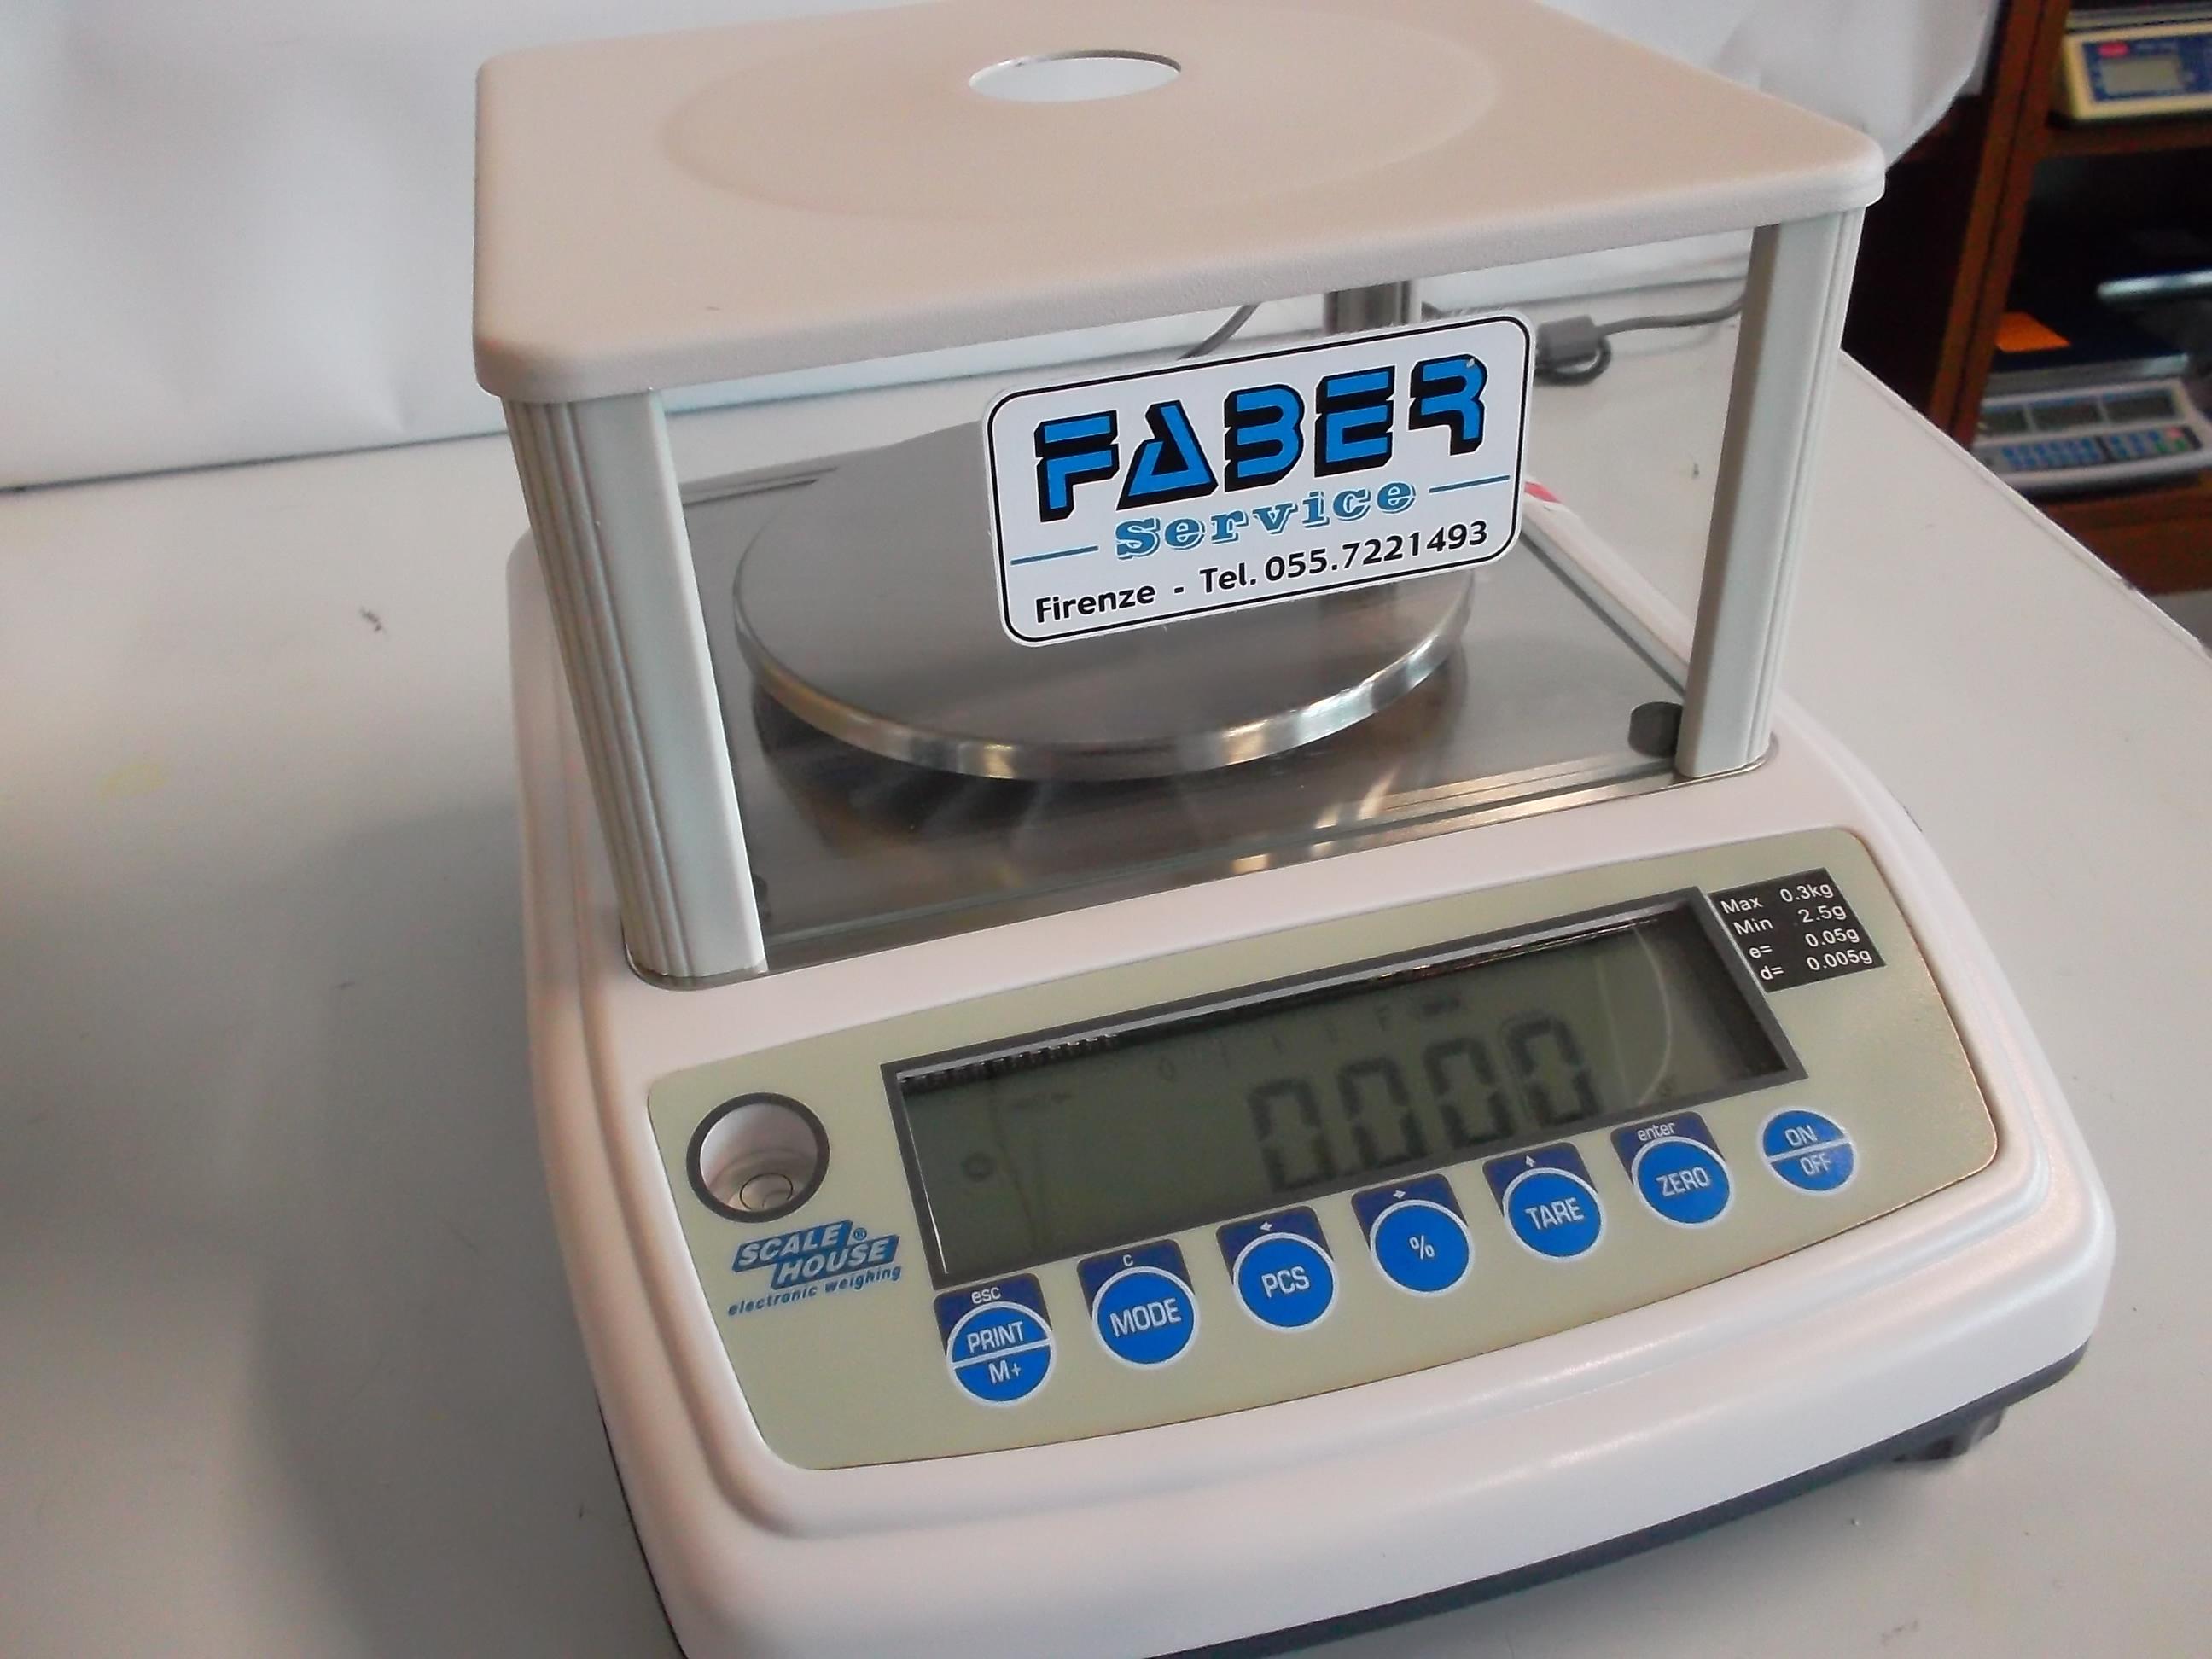 Bilance Usate Per Negozi Alimentari.Bilancia Usata Da Laboratorio A 380 Euro Bilance Firenze